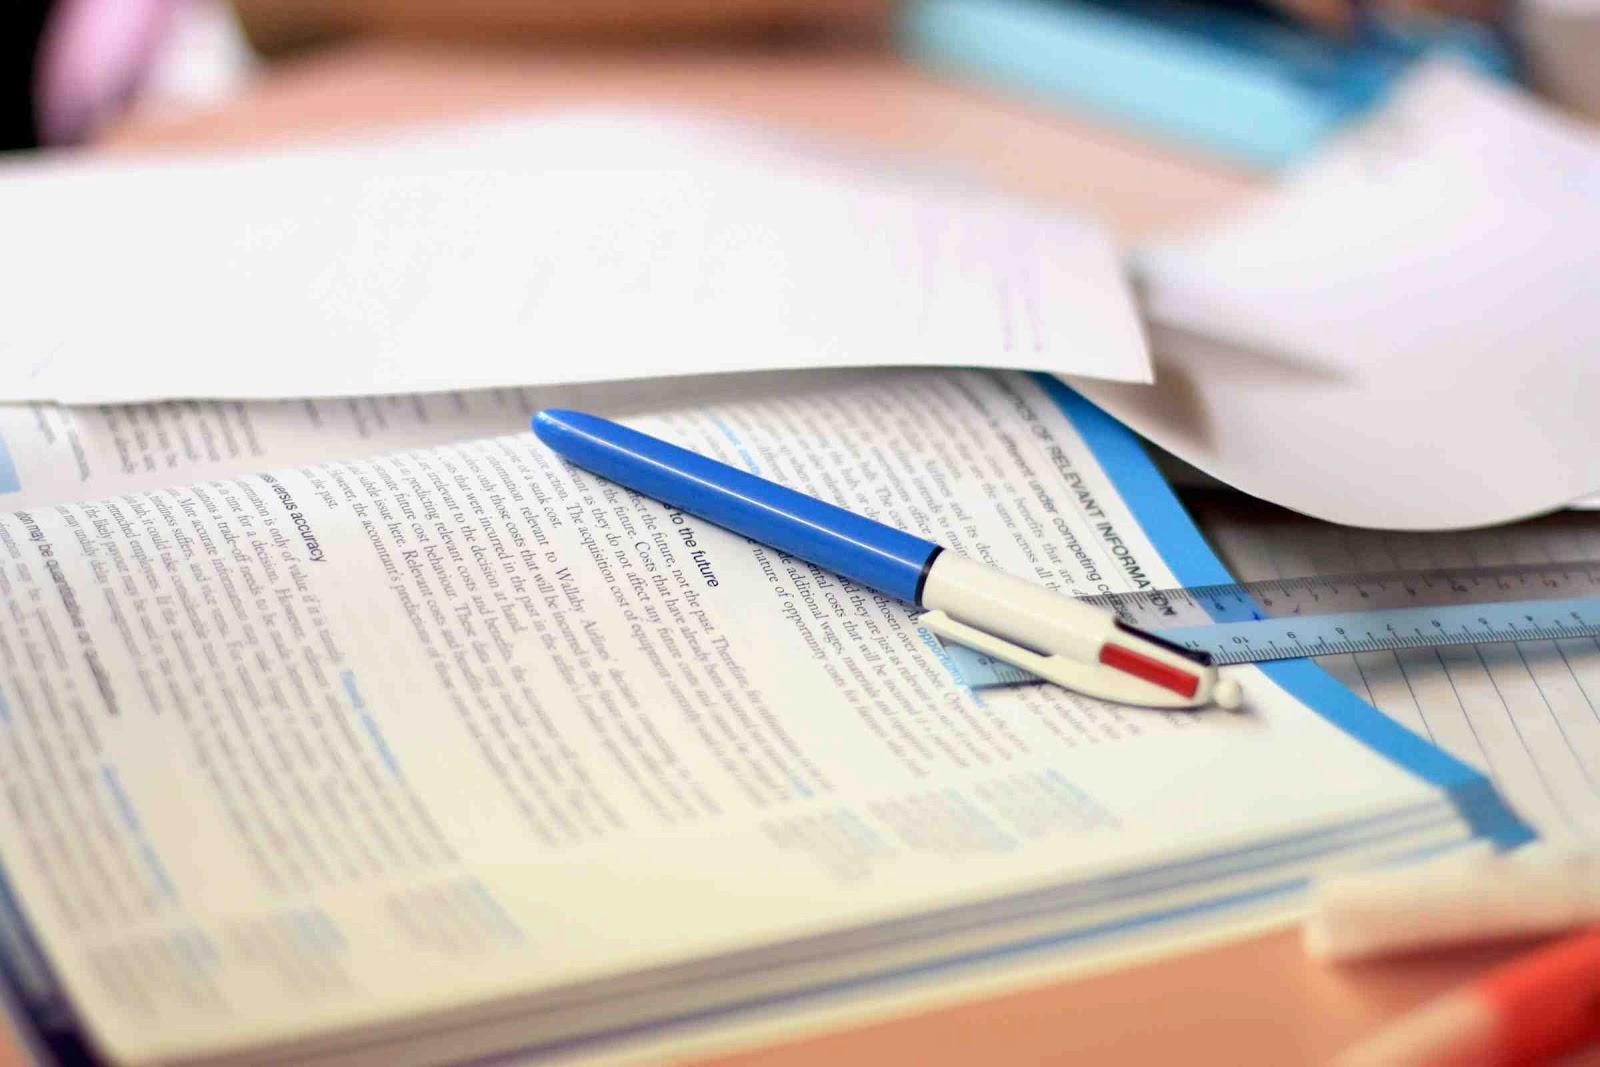 Taula d'estudi amb un llibre obert i un bolígraf